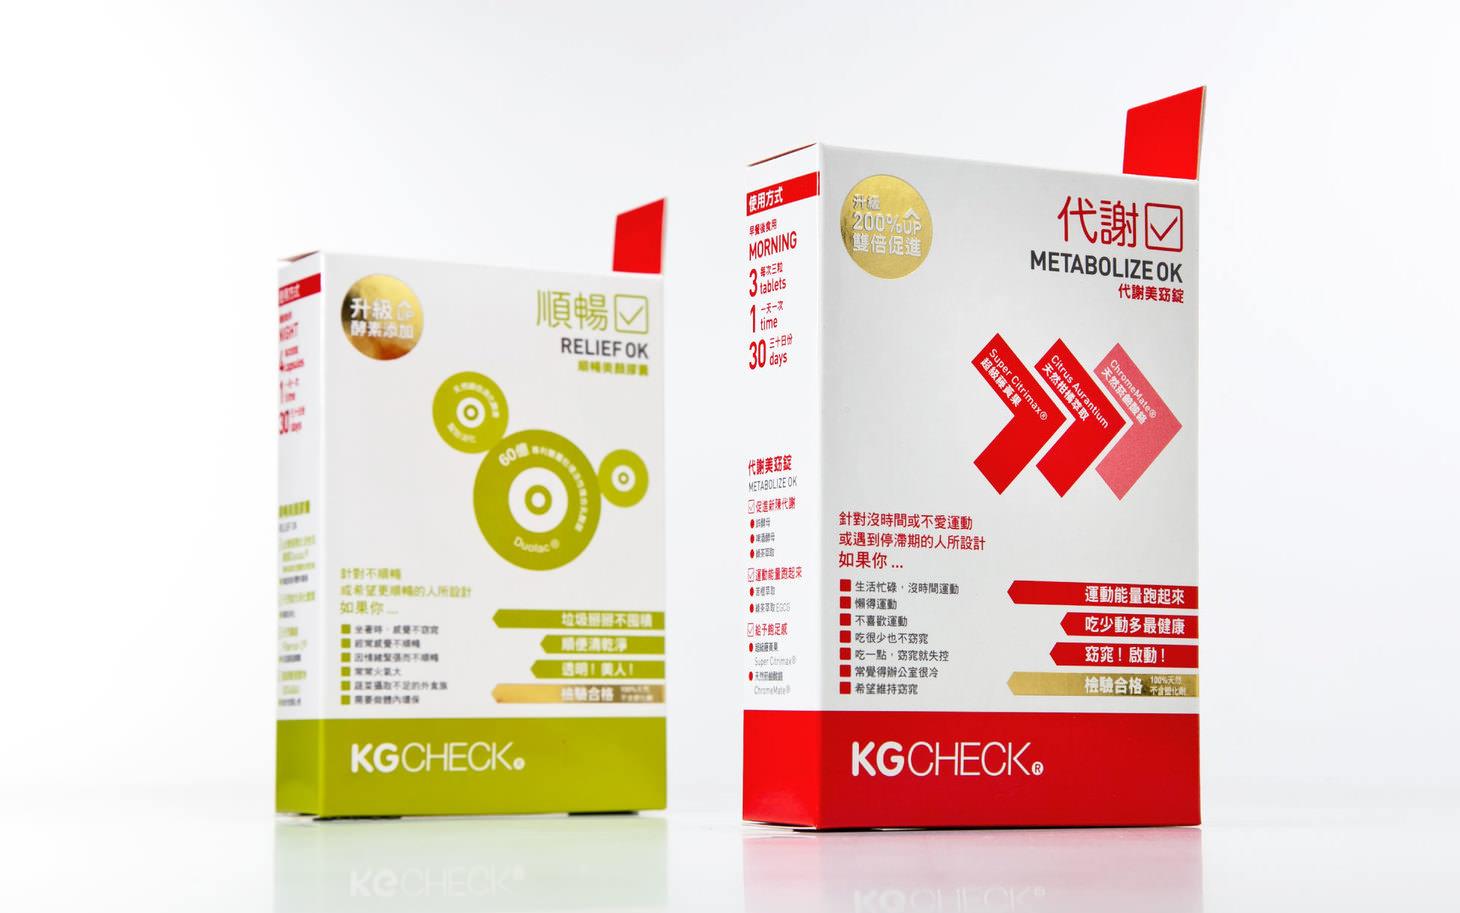 KGC_1960X1225_3.jpg